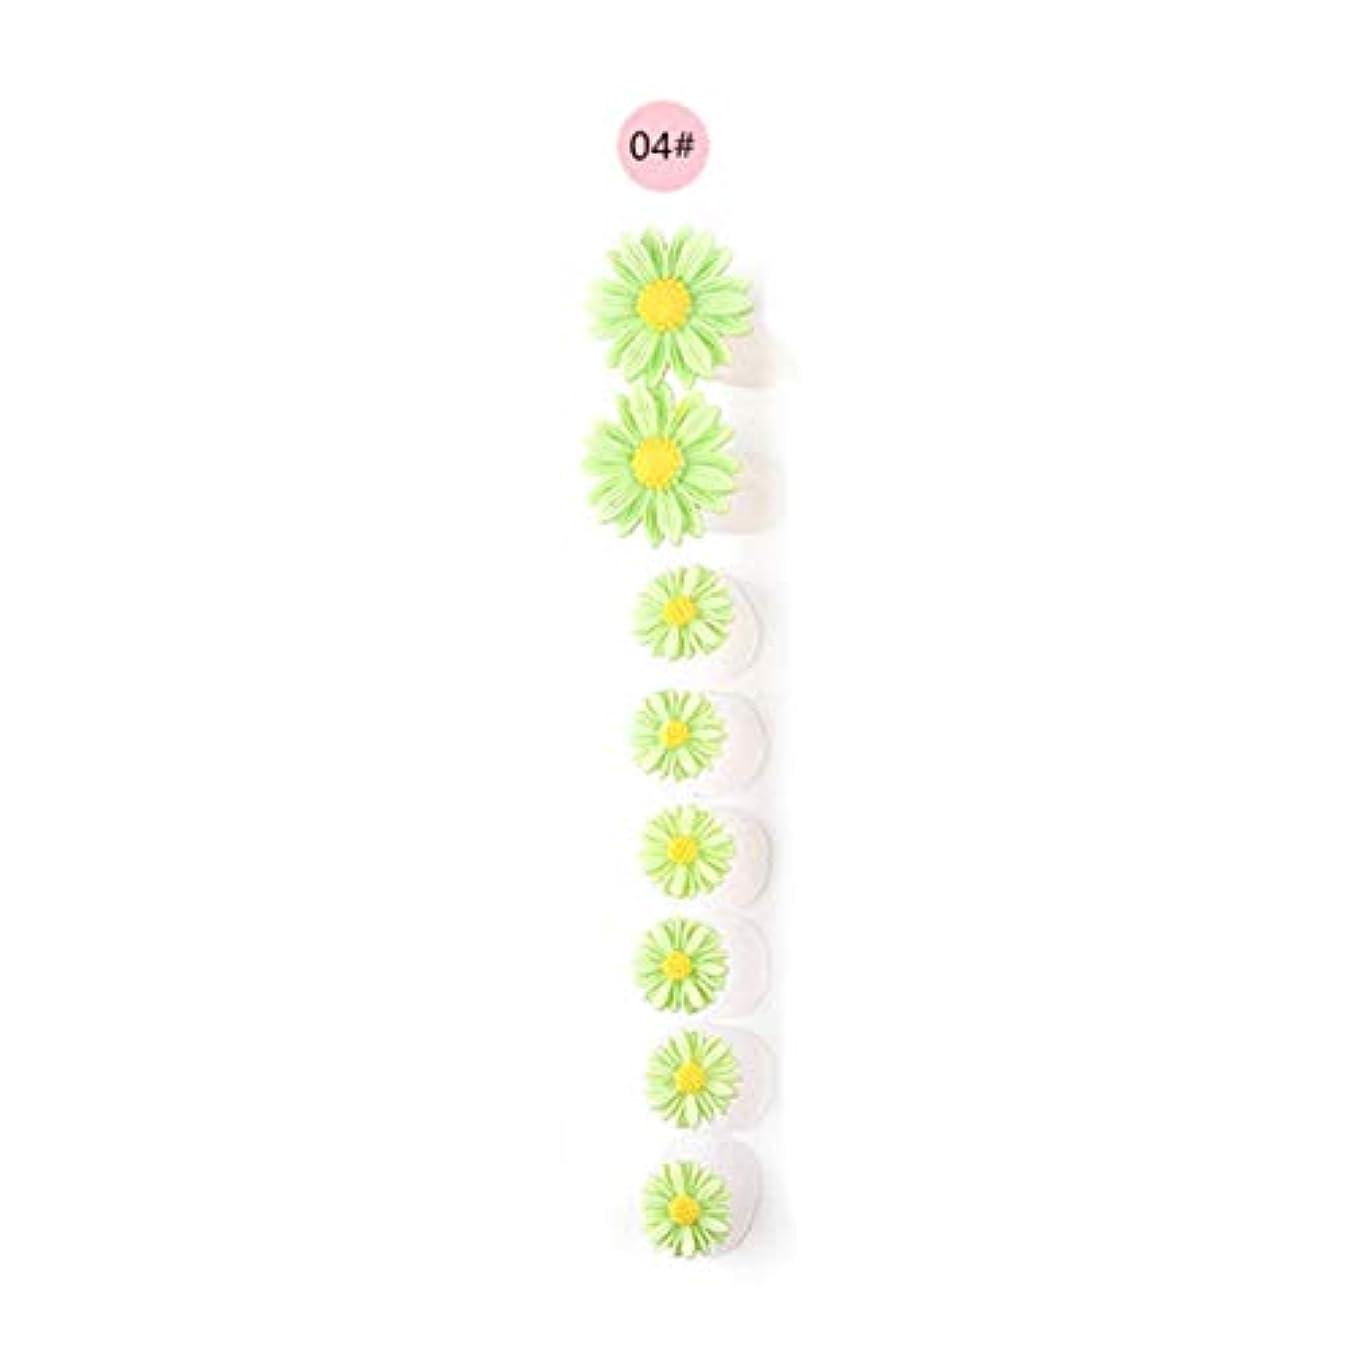 豪華な太字大脳8ピース/セットシリコンつま先セパレーター足つま先スペーサー花形ペディキュアDIYネイルアートツール-カラフル04#